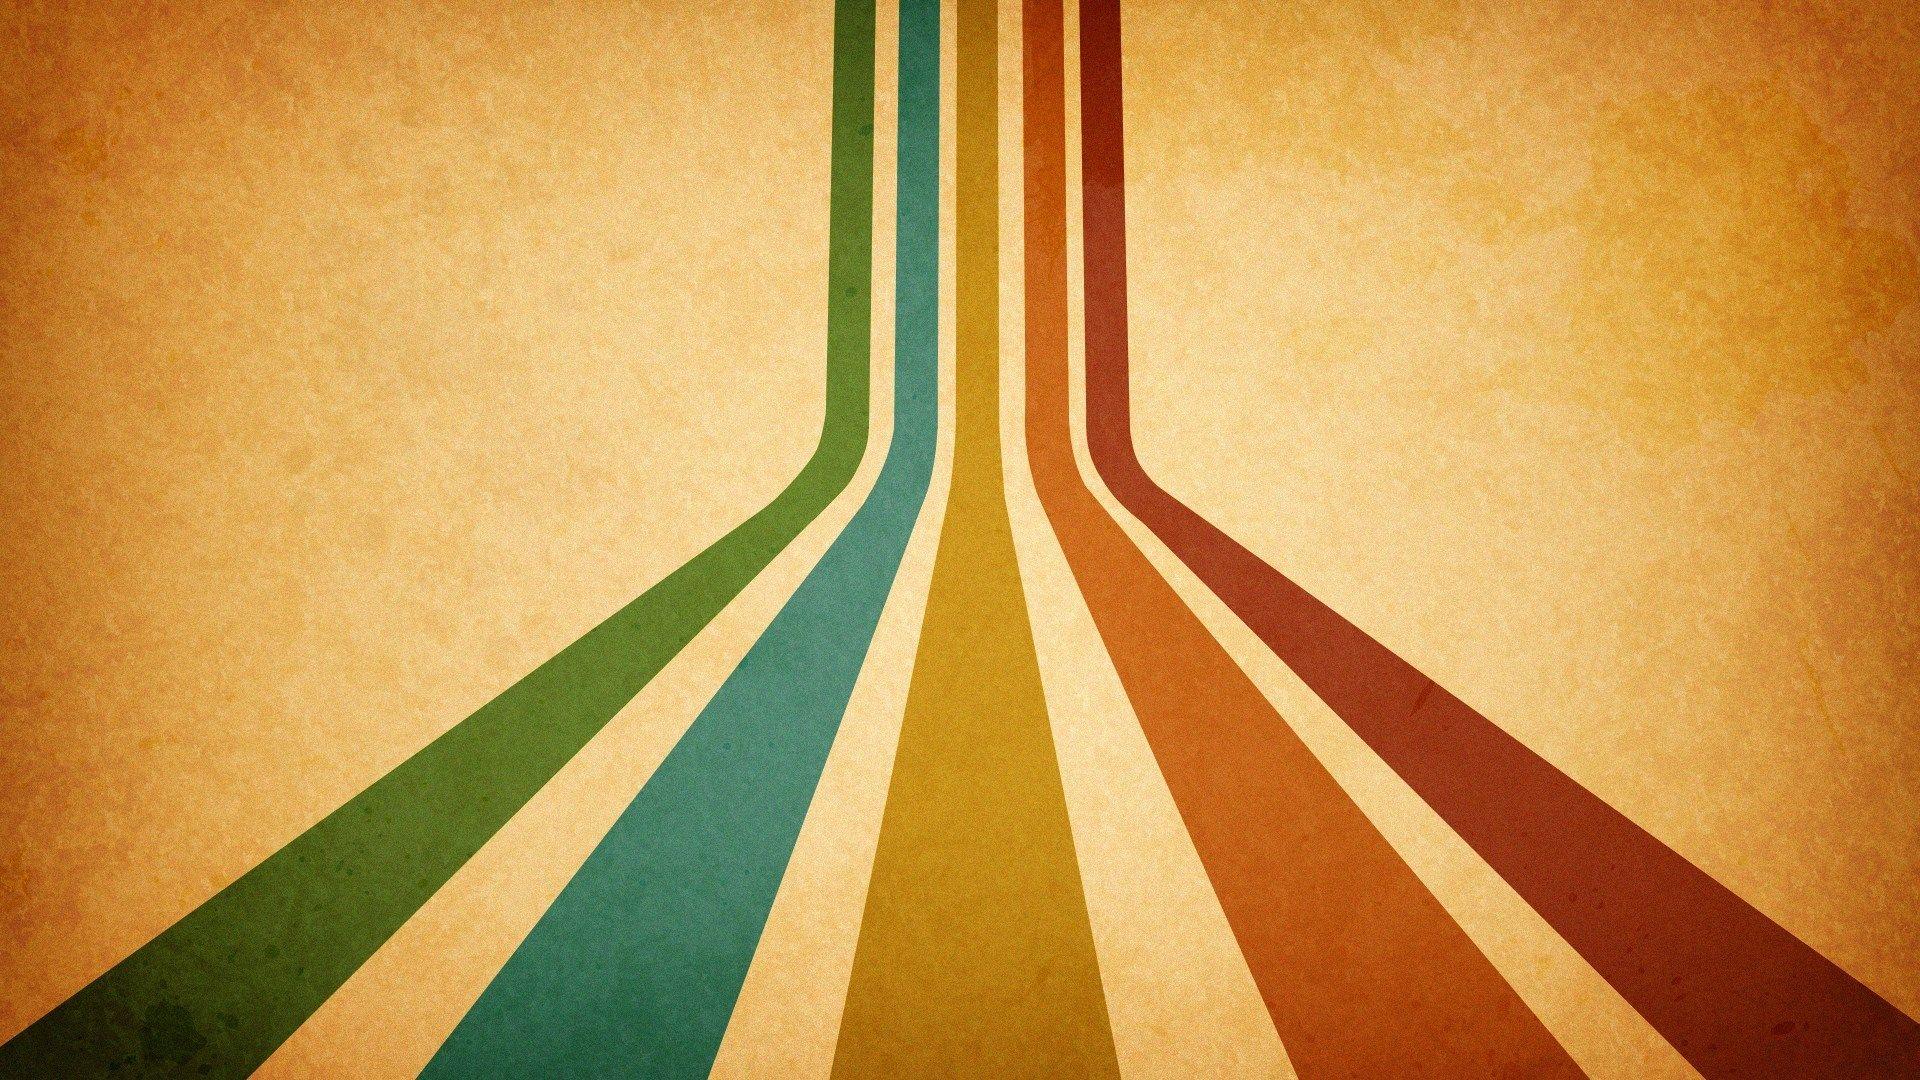 minimalist picture | Retro wallpaper, Striped wallpaper ...